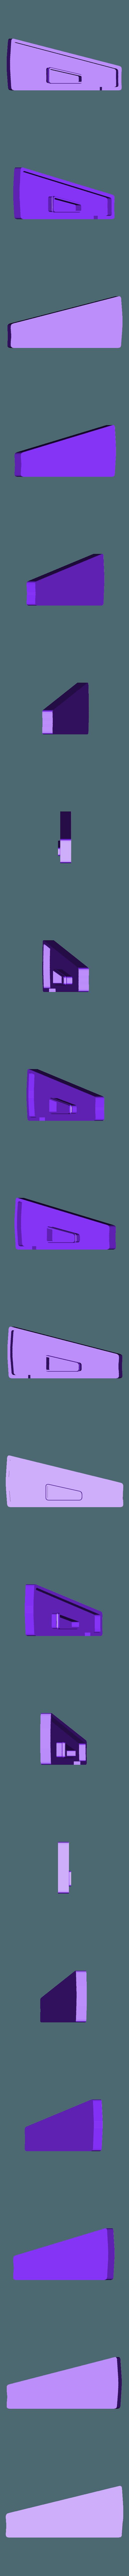 marche_maison.STL Télécharger fichier STL gratuit Playmobil - Marches d'escalier - stair treads • Objet à imprimer en 3D, harnelbe